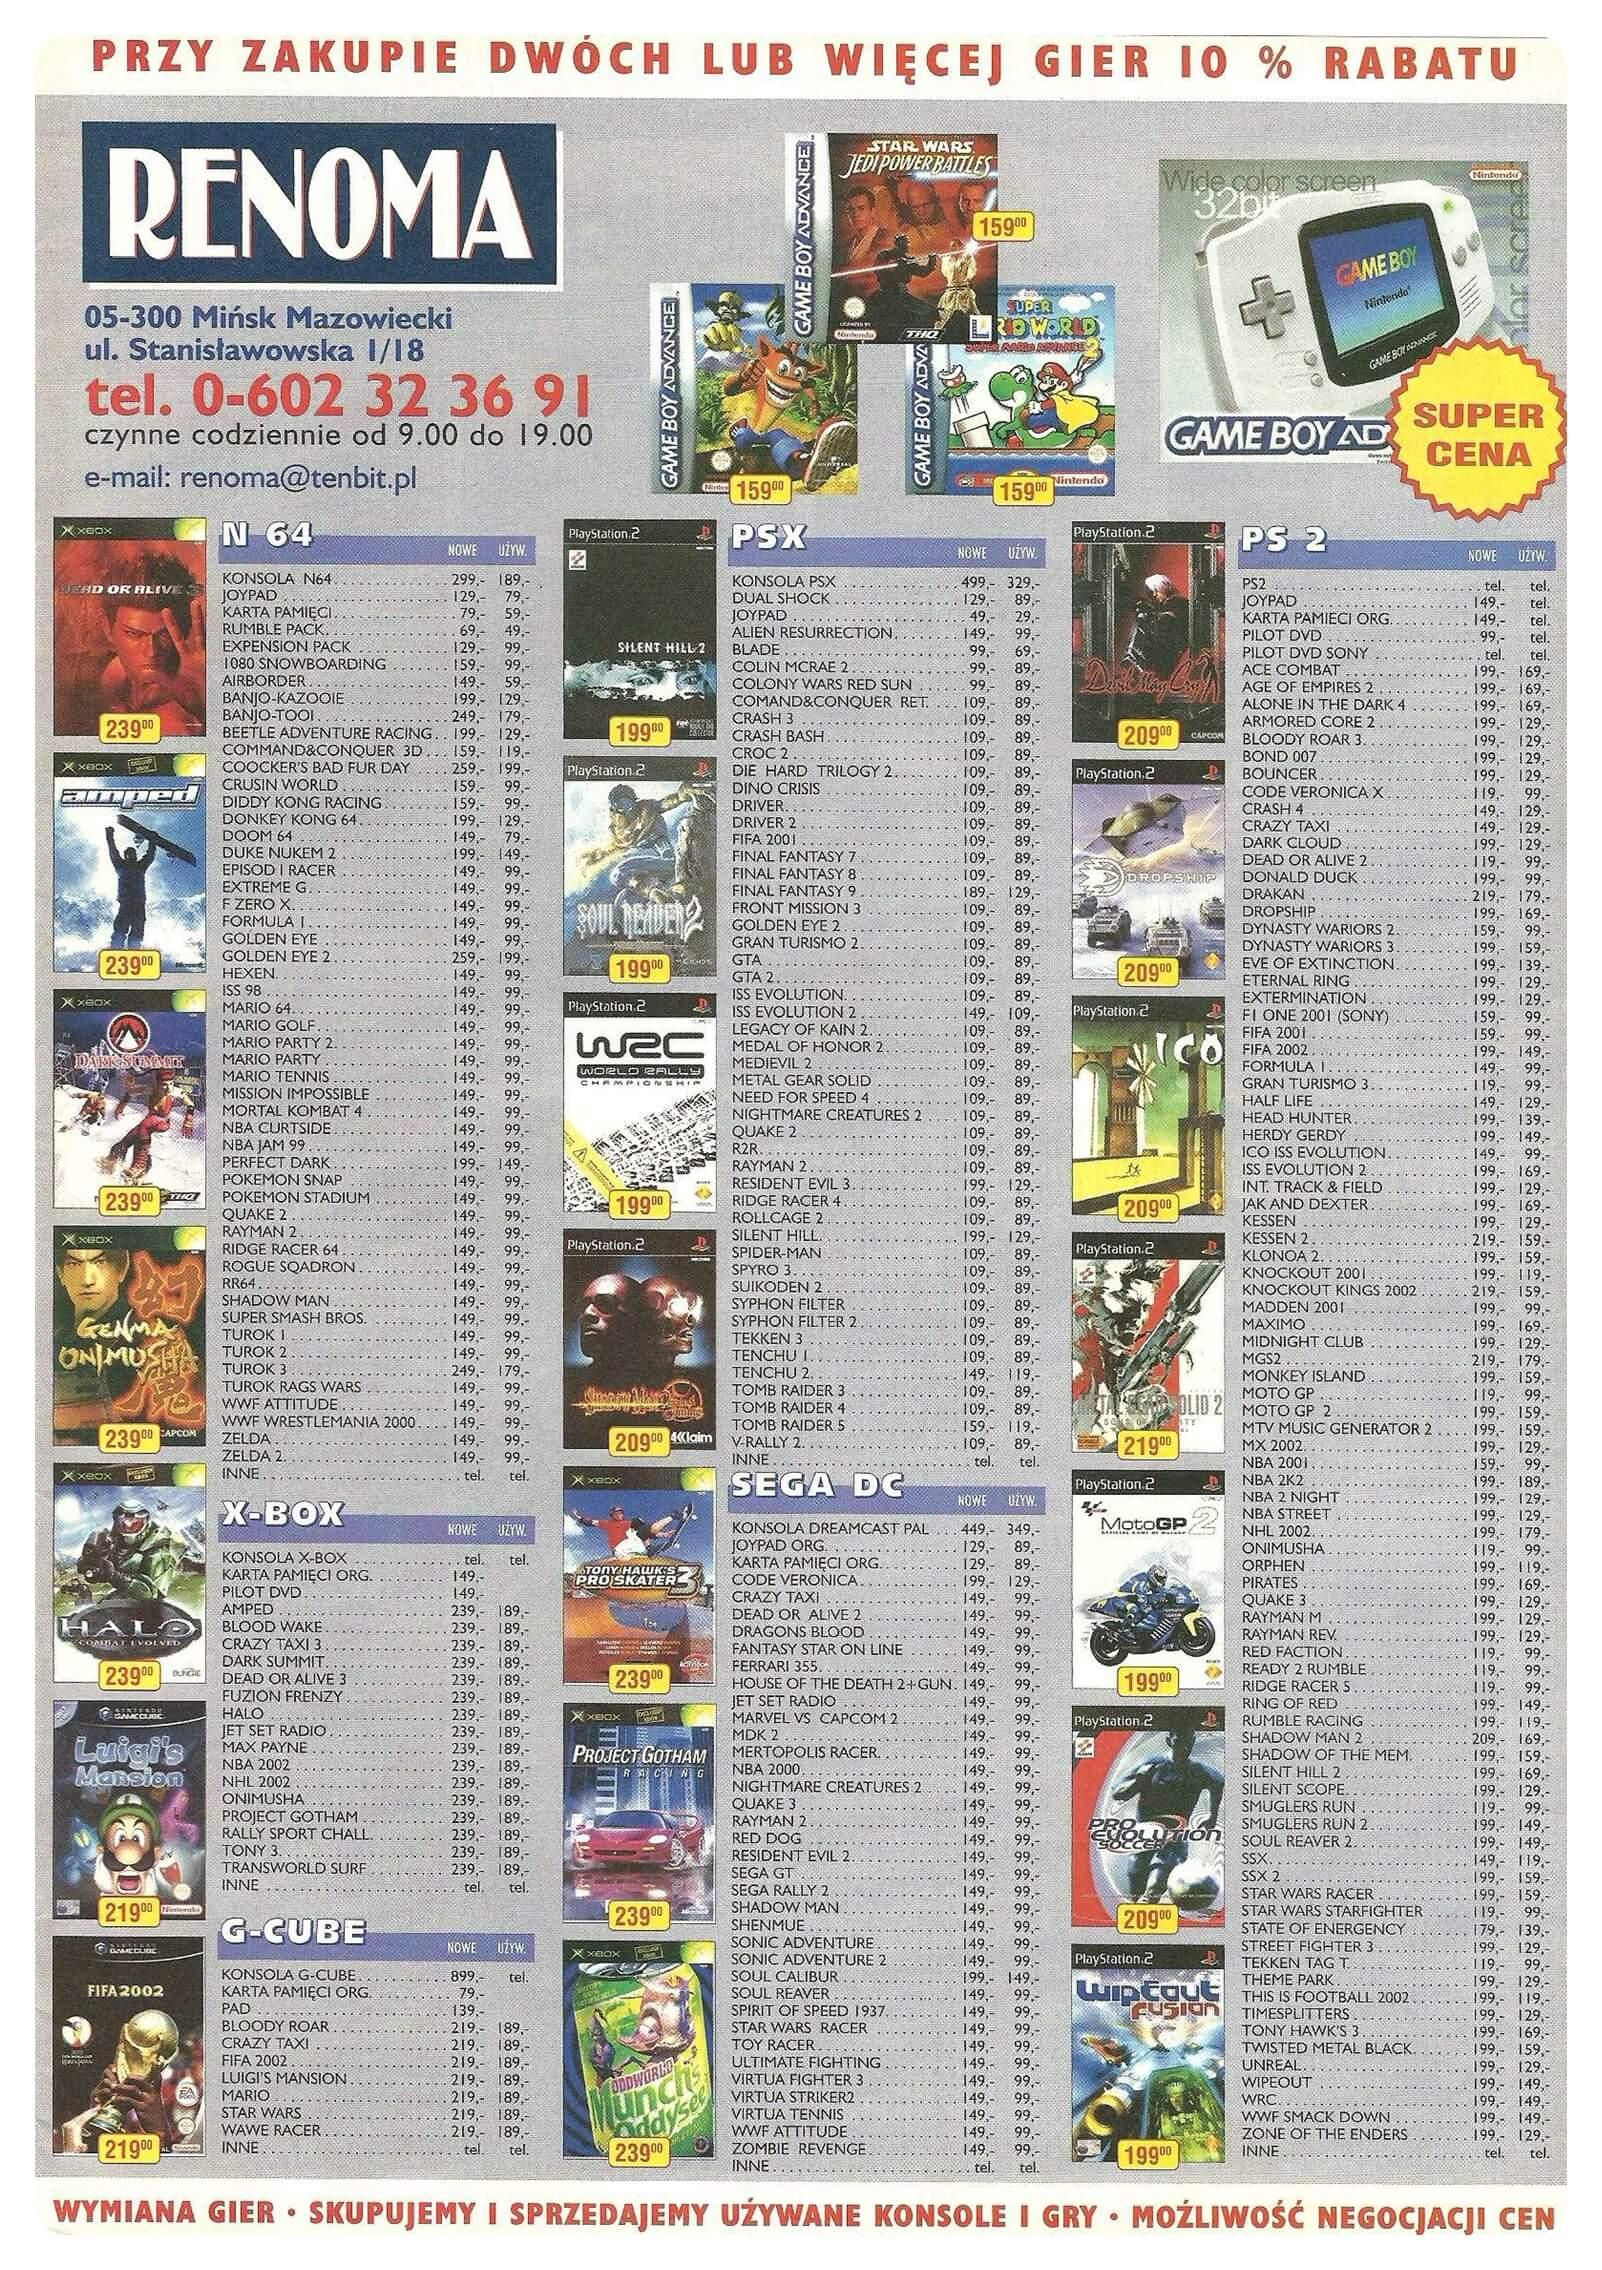 Neo Plus nr 043 20029q4 - Jak wyglądały ceny różnych konsol w Polsce w latach 1996-2006?